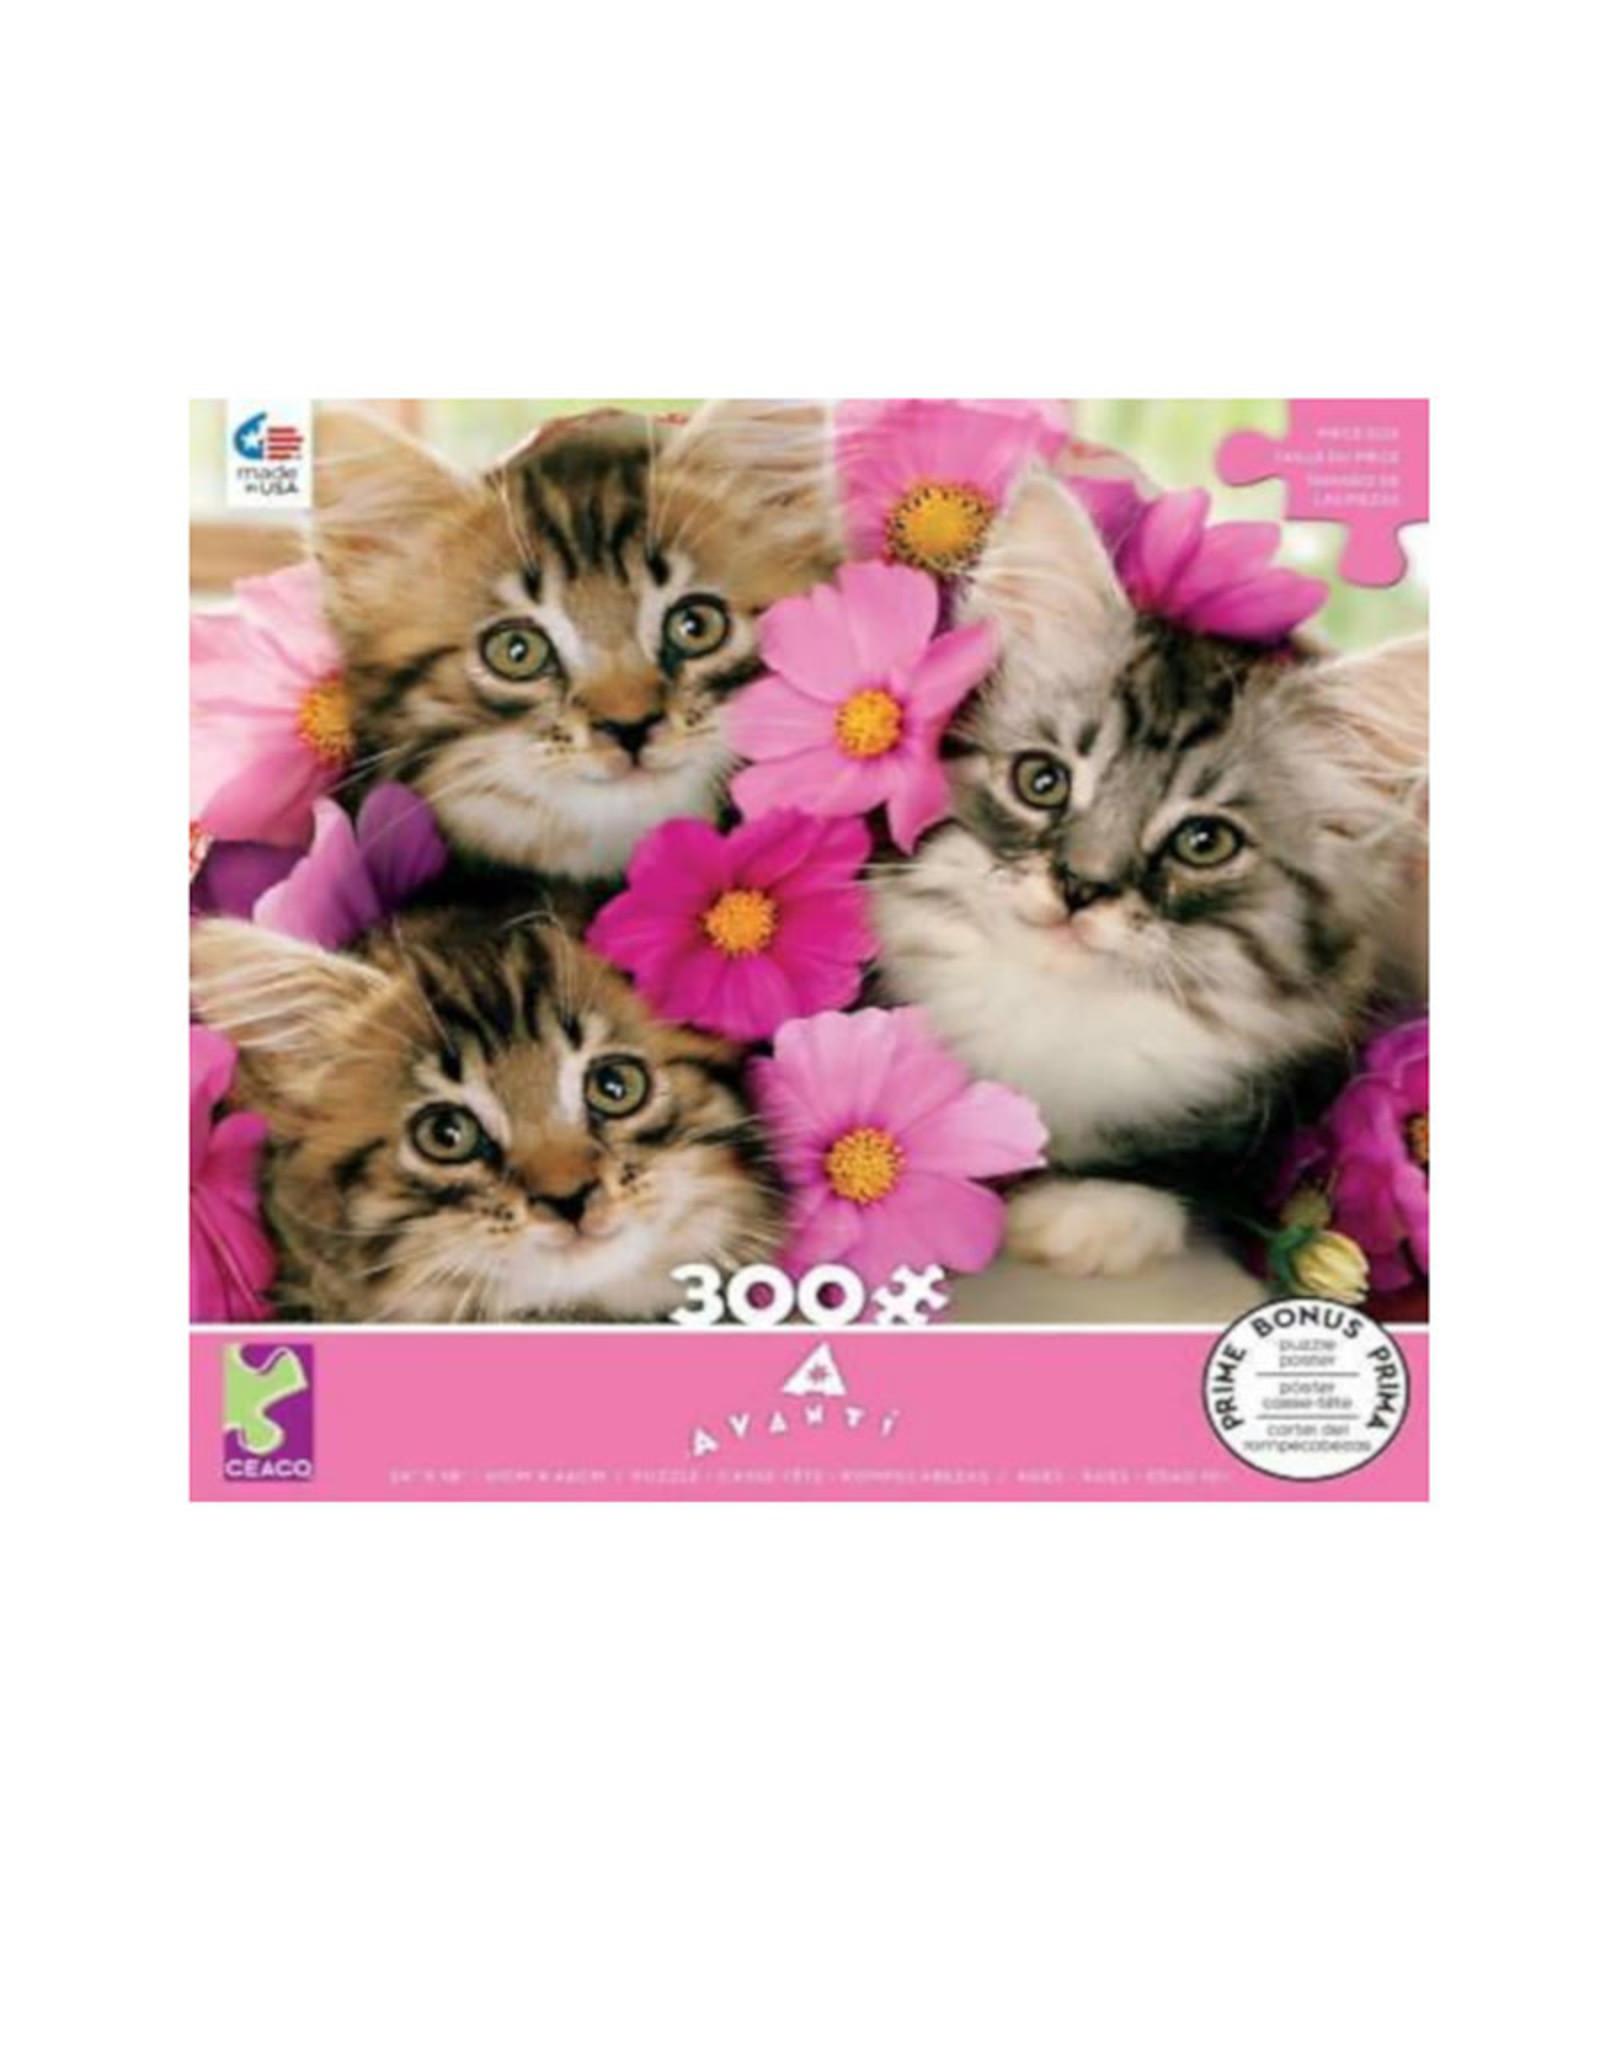 Ceaco Avanti Kitten Boquet Puzzle 300 PCS